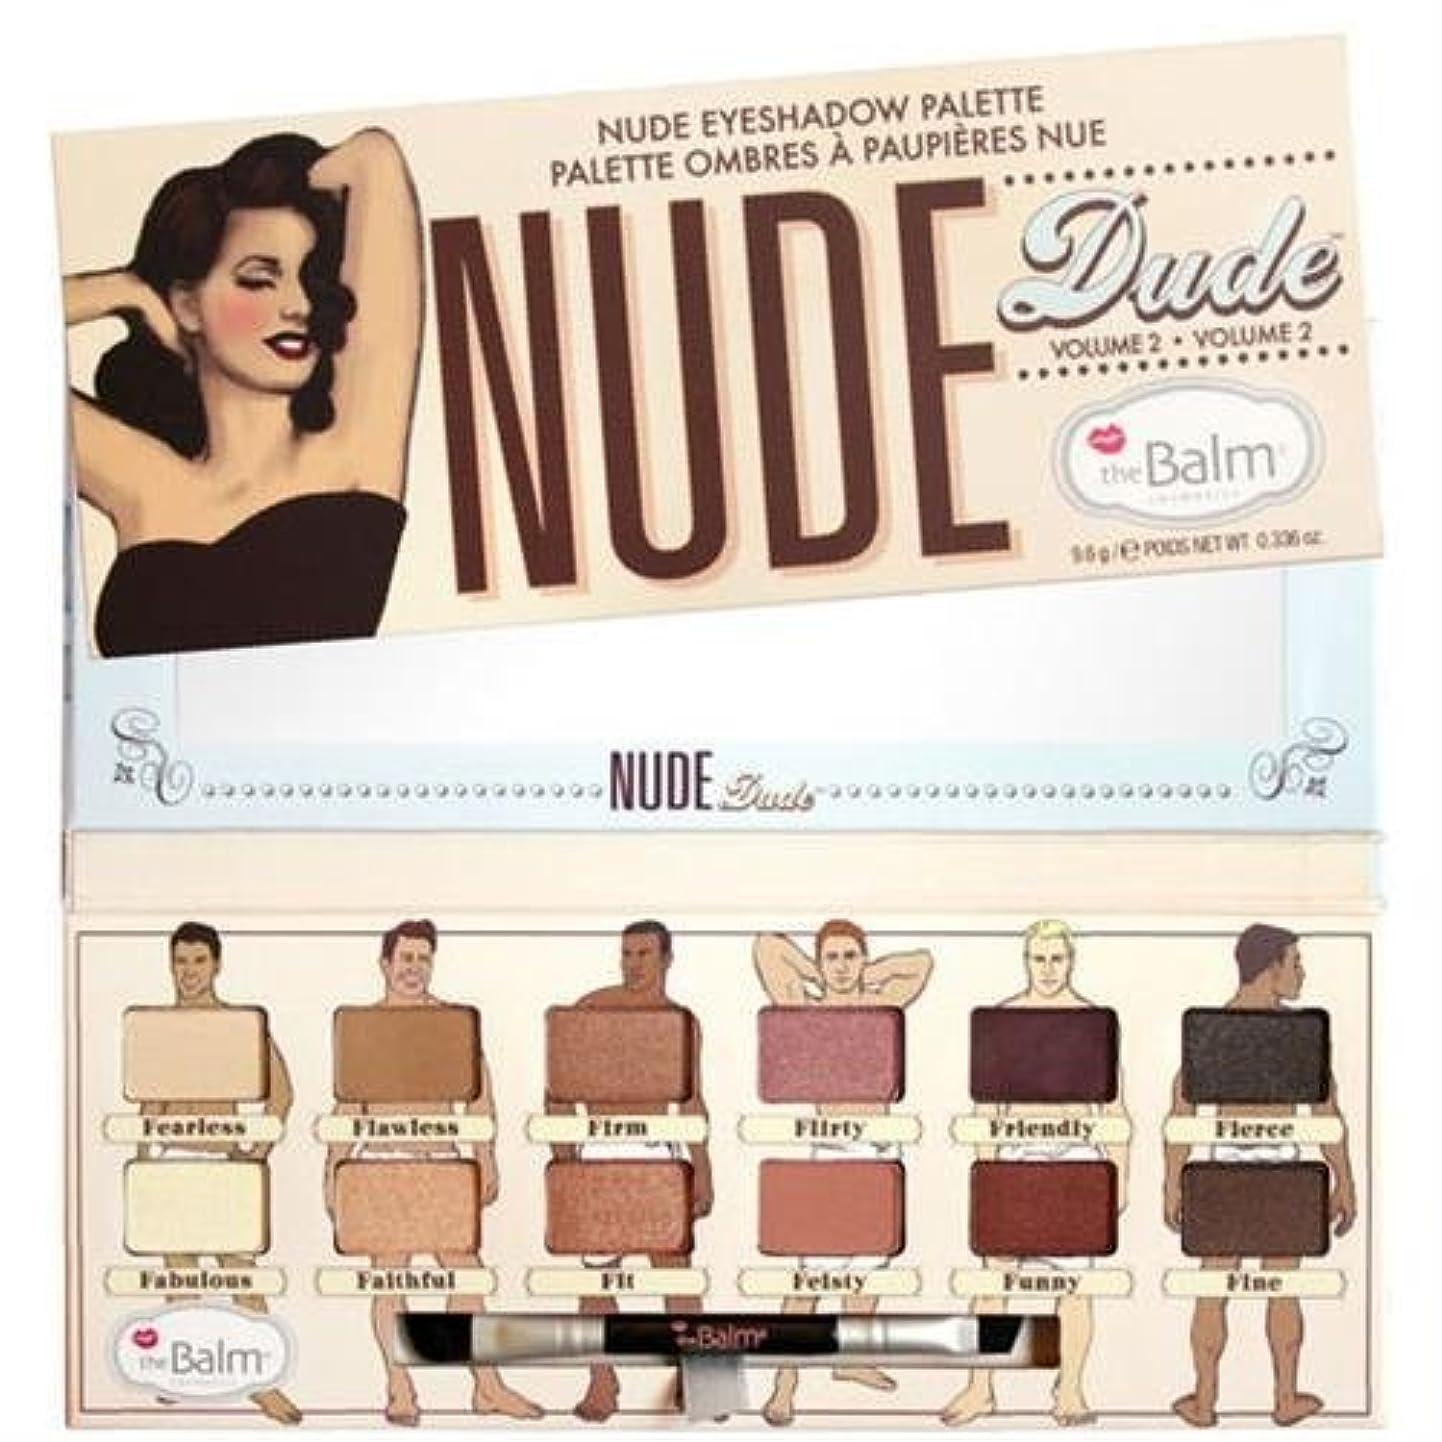 ソビエト発症汚れたThebalm Nude Dude Nude Eyeshadow Palette (並行輸入品) [並行輸入品]